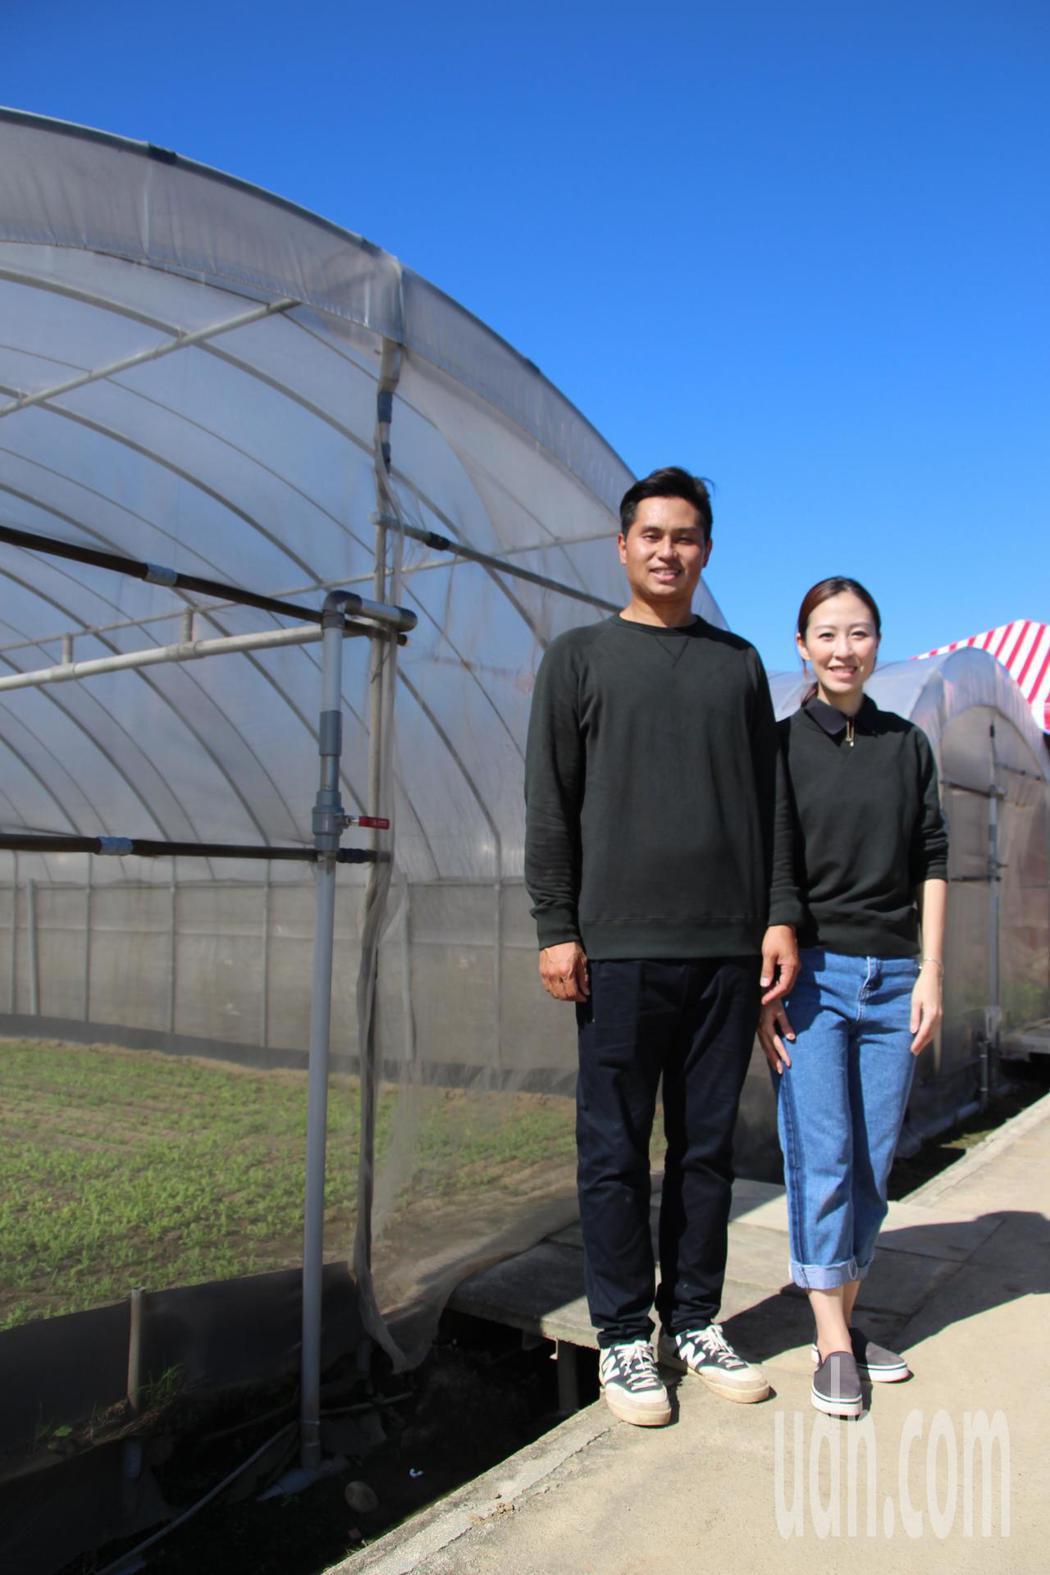 桃園市八德區農民邱冠鈞和太太尤優佳一同傳承家業,成為二代青農。記者許政榆/攝影